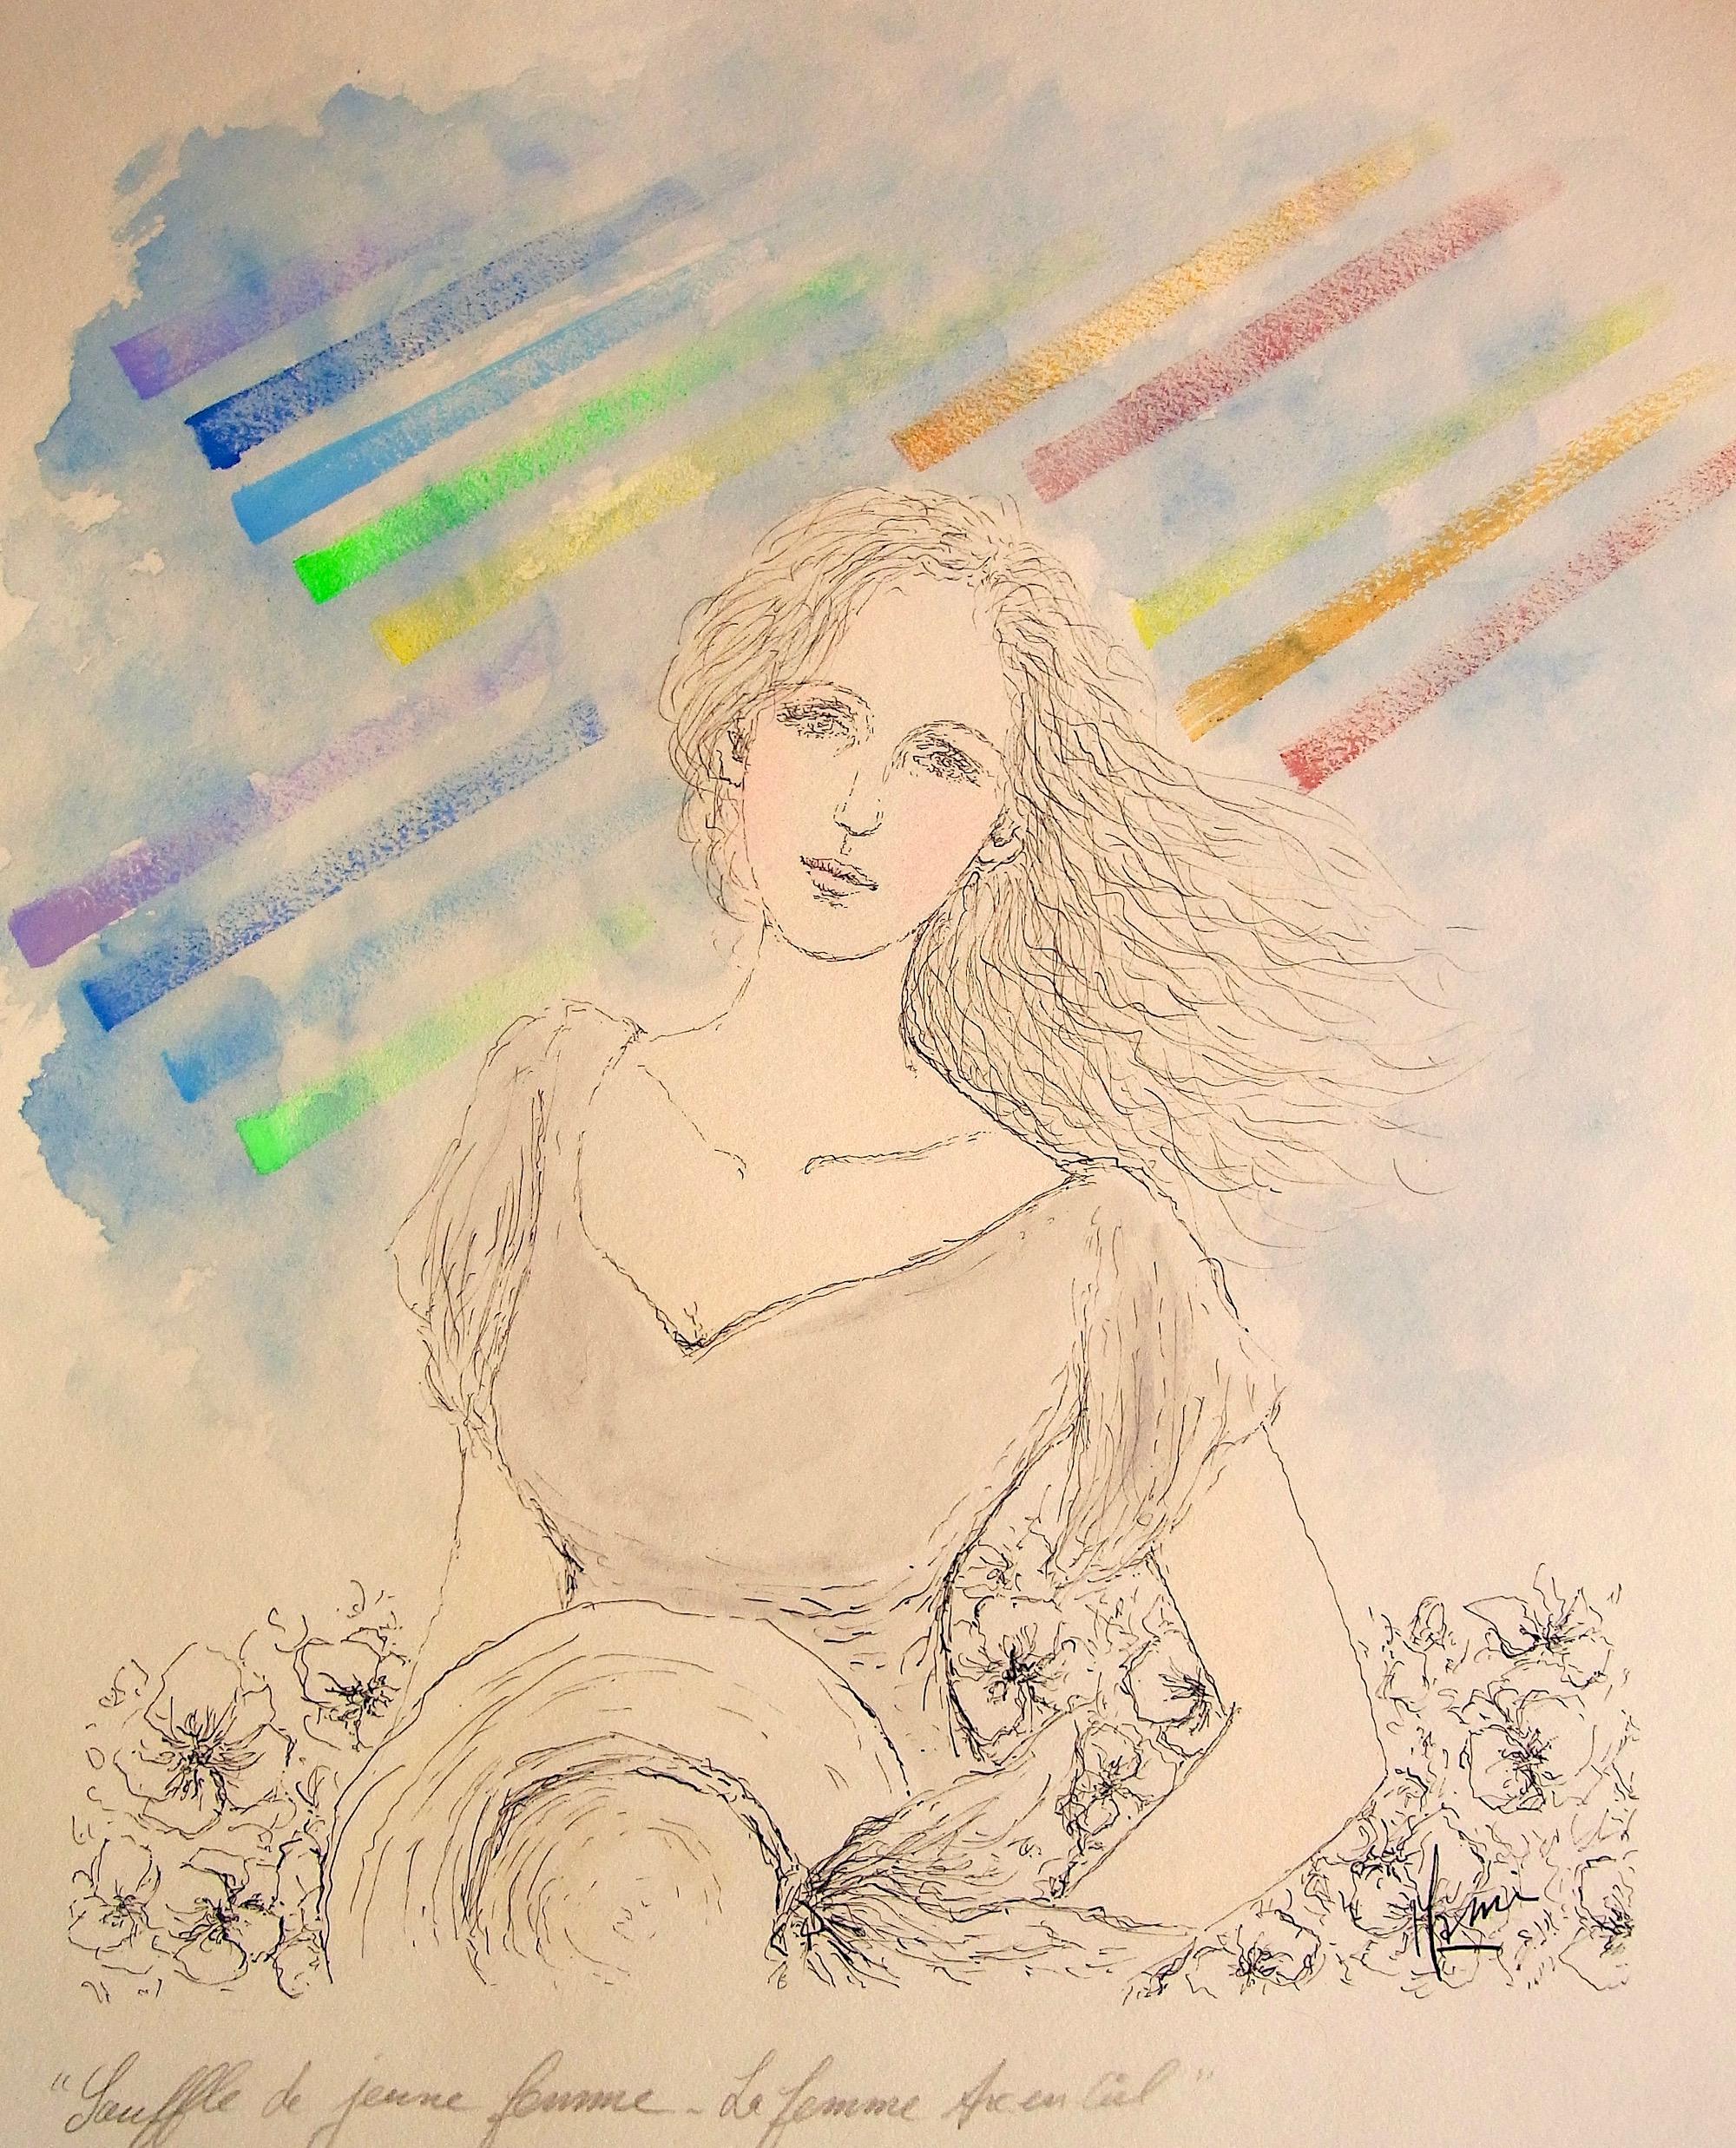 MAMI / Images et Poésie, Douceur Evanescente c                                                                                                                               MAMI/ Images et Poésie, Souffle de Jeune Femme